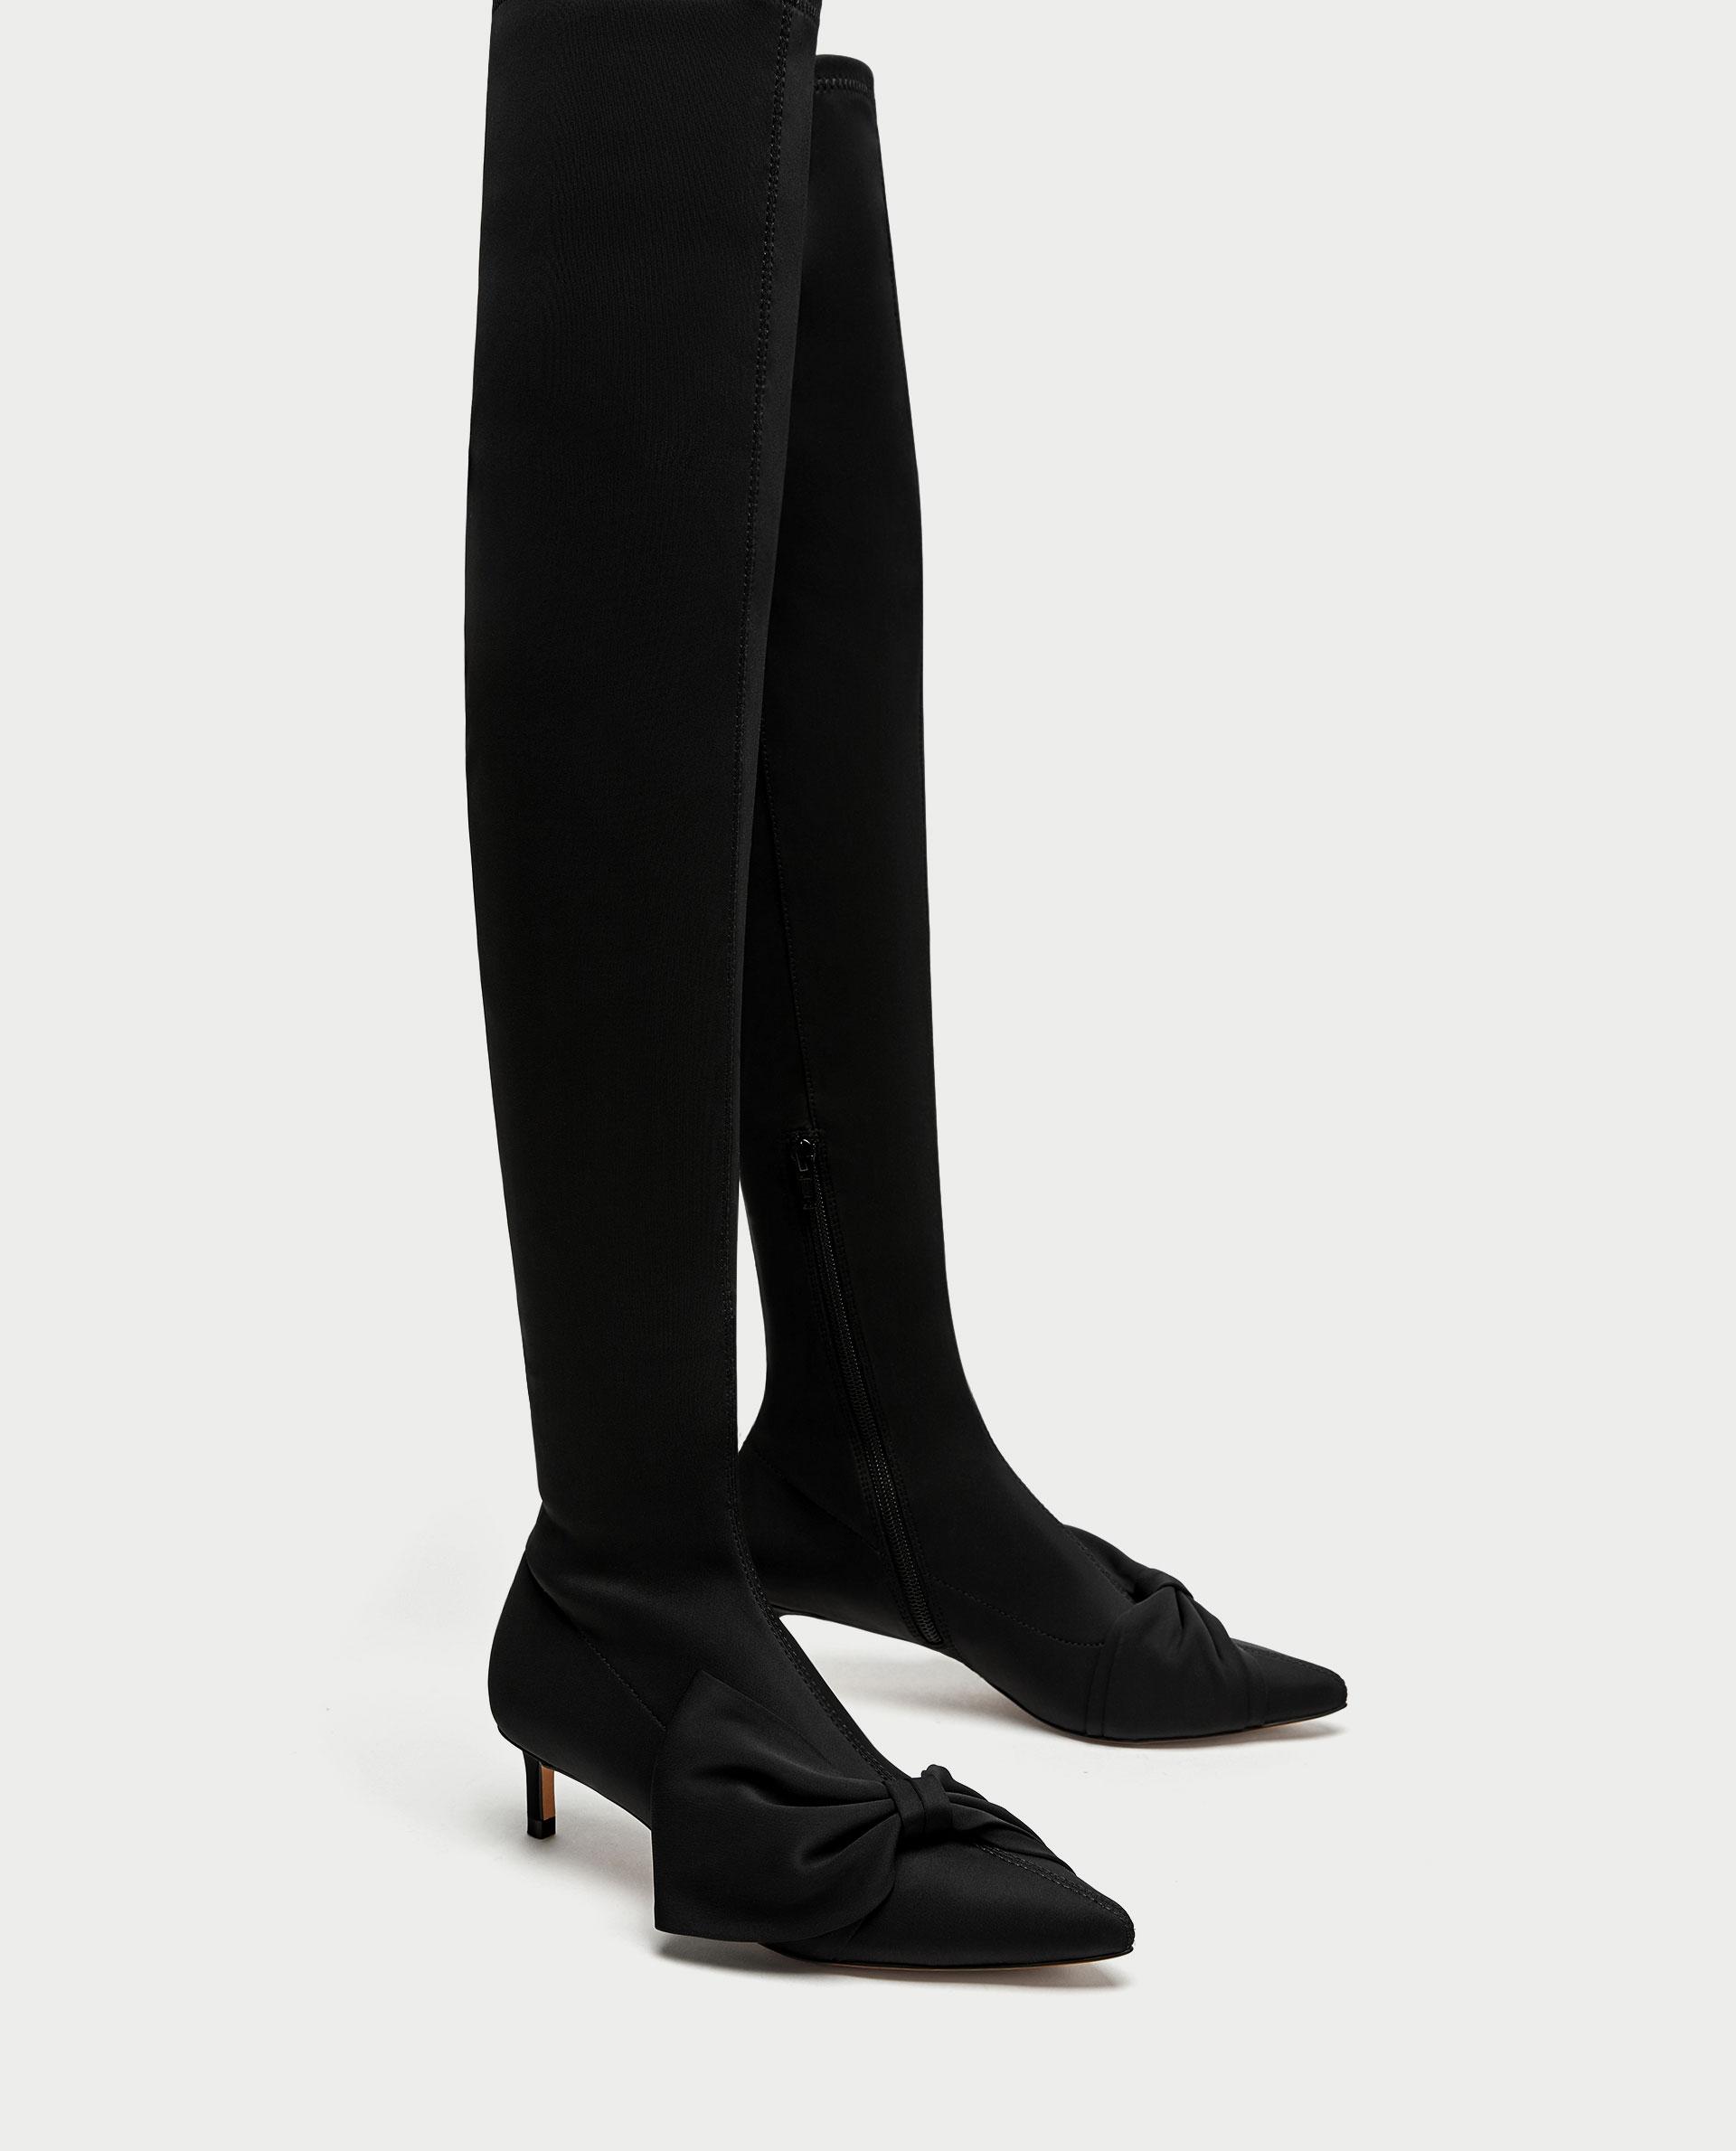 Zara €49,95